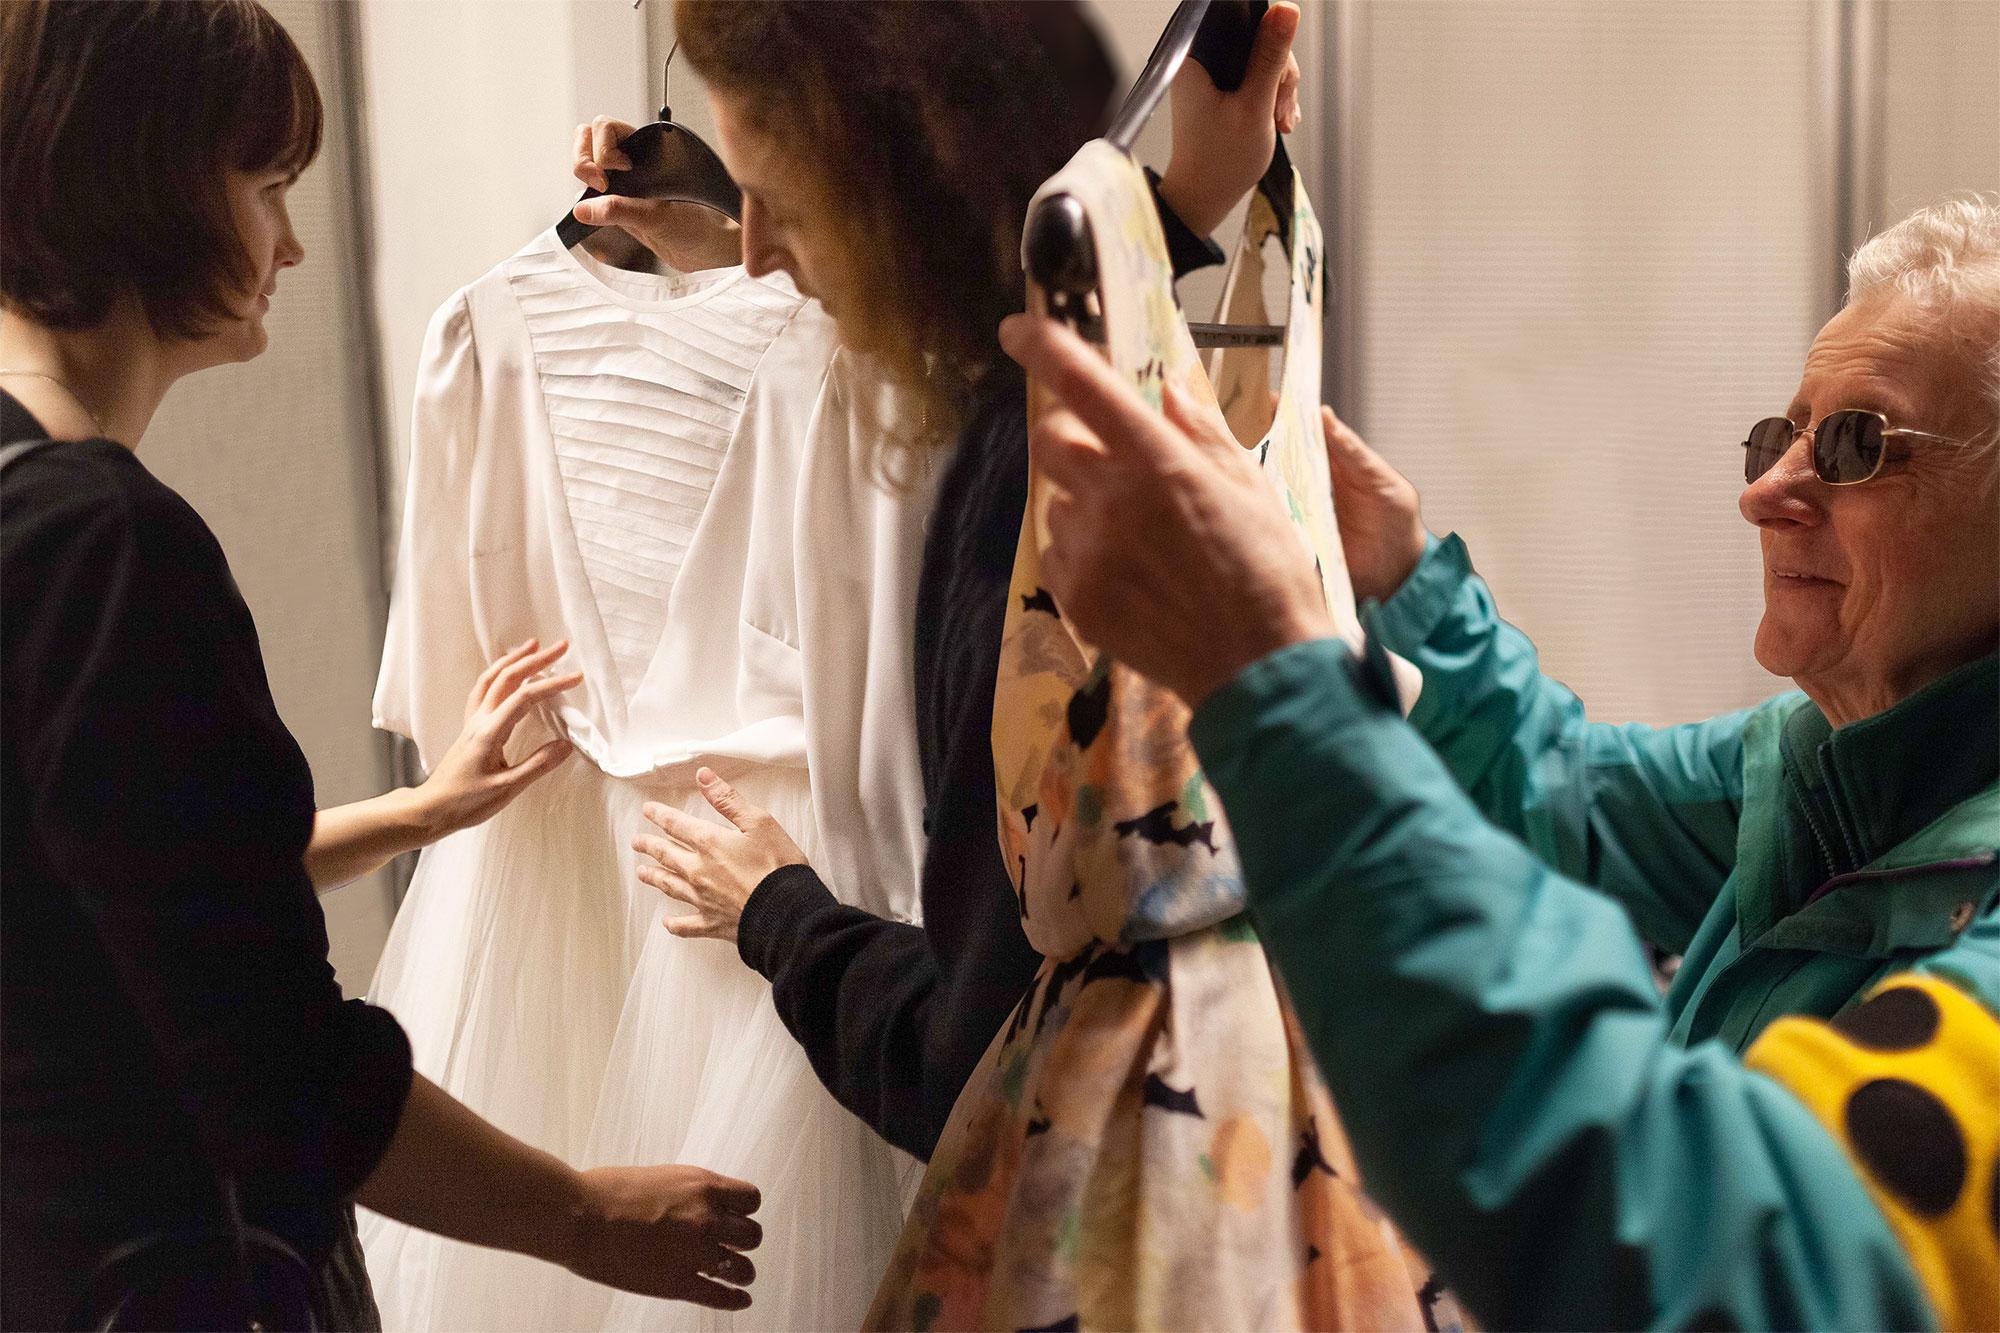 Berliner Ensemble Tastführung. Fotocollage: Christiane Reinsch. Lavinia ist links zu sehen. Sie hat ein schwarzes Oberteil an und fühlt ein weißes Kleid, das ihr von einer Mitarbeiterin auf einem Bügel gehalten wird. Roswitha, auf der rechten Seite, befühlt ein gemustertes Sommerkleid. Sie trägt eine türkisblaue Jacke und hat eine Blindenbinde um ihren Arm.